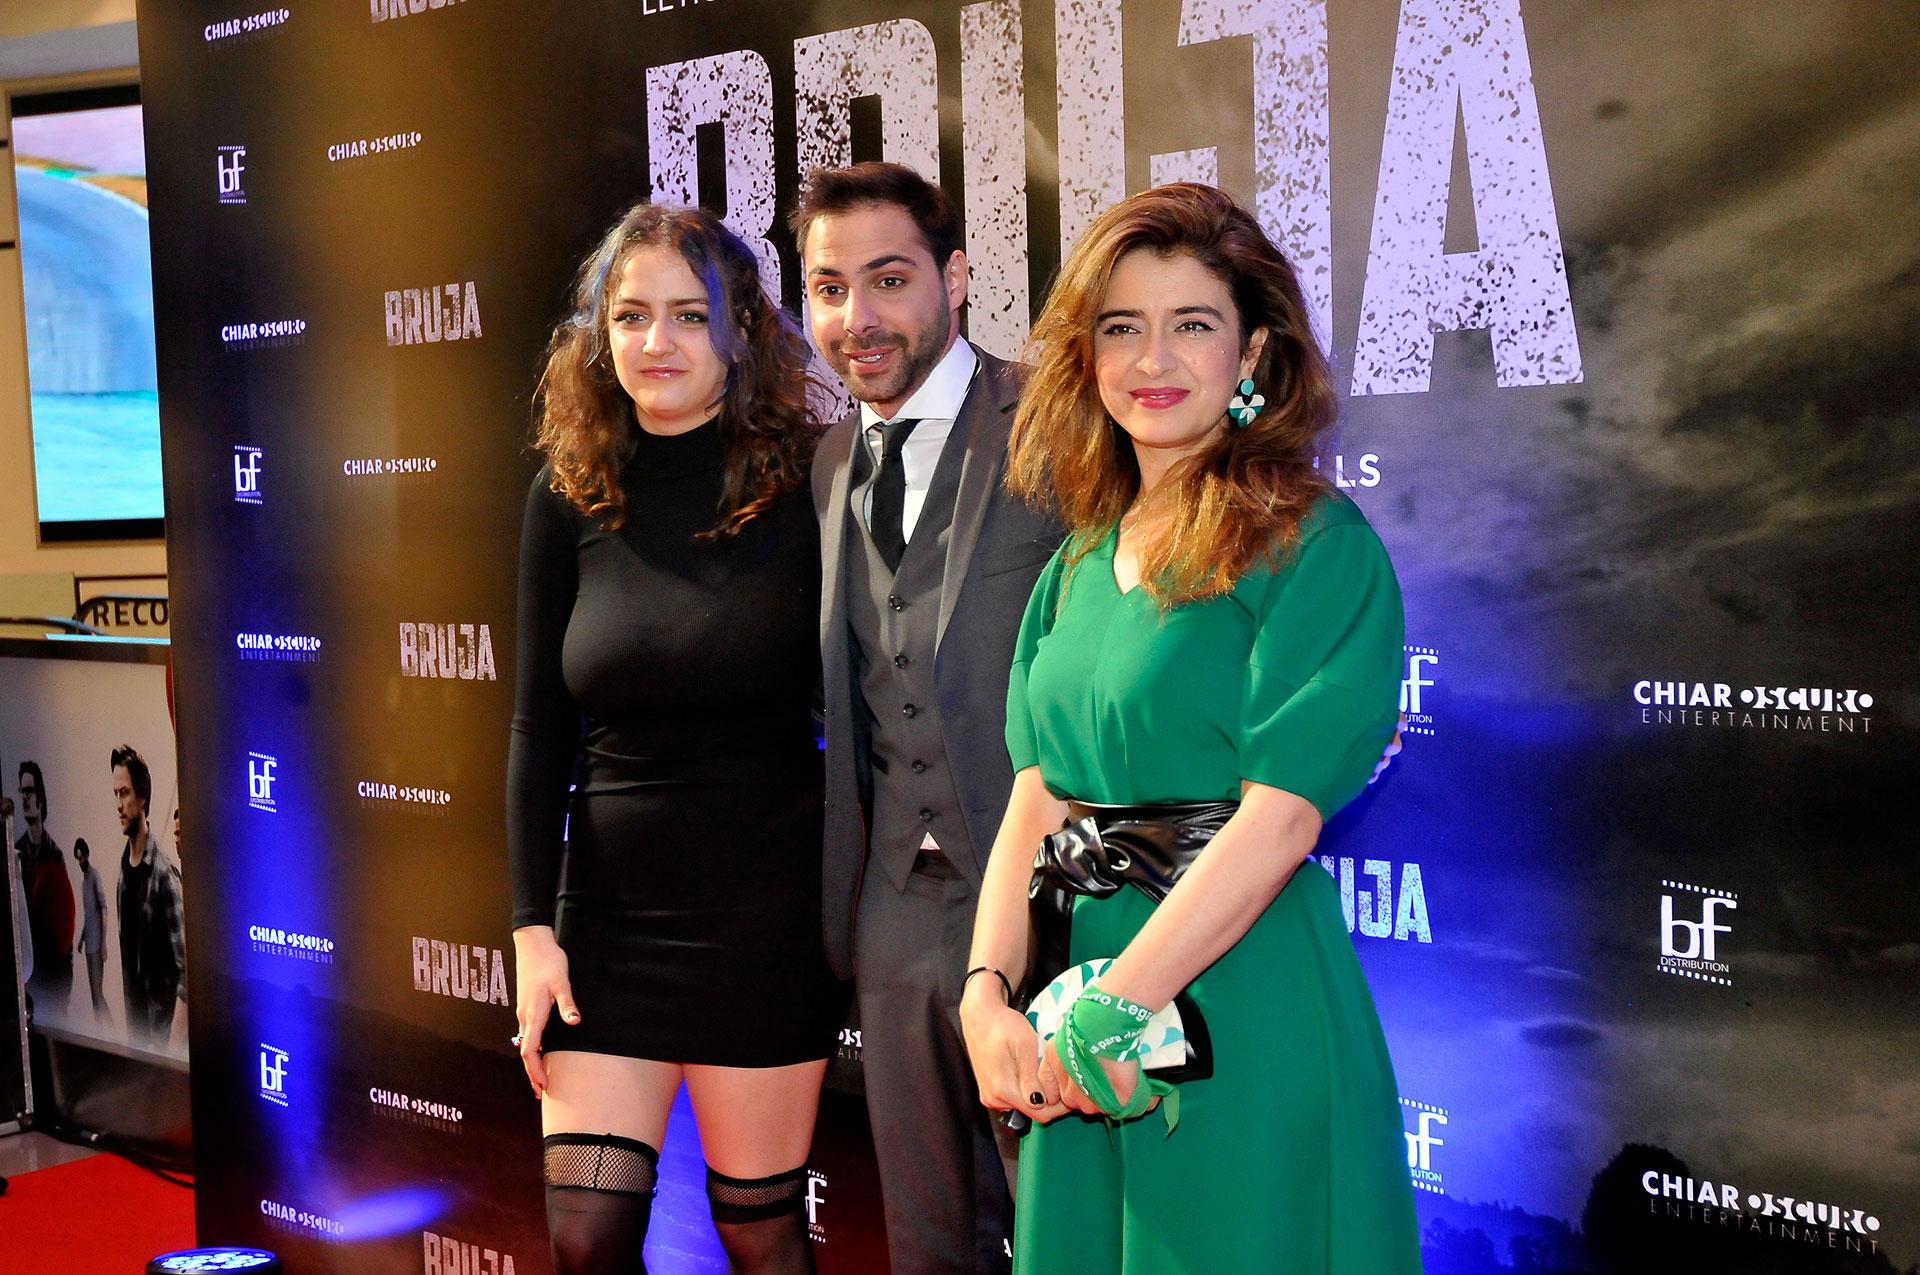 """Miranda de la Serna, Grego Rosello y Érica Rivas, protagonistas de la película """"Bruja"""" (Darío Batallan / Teleshow)"""